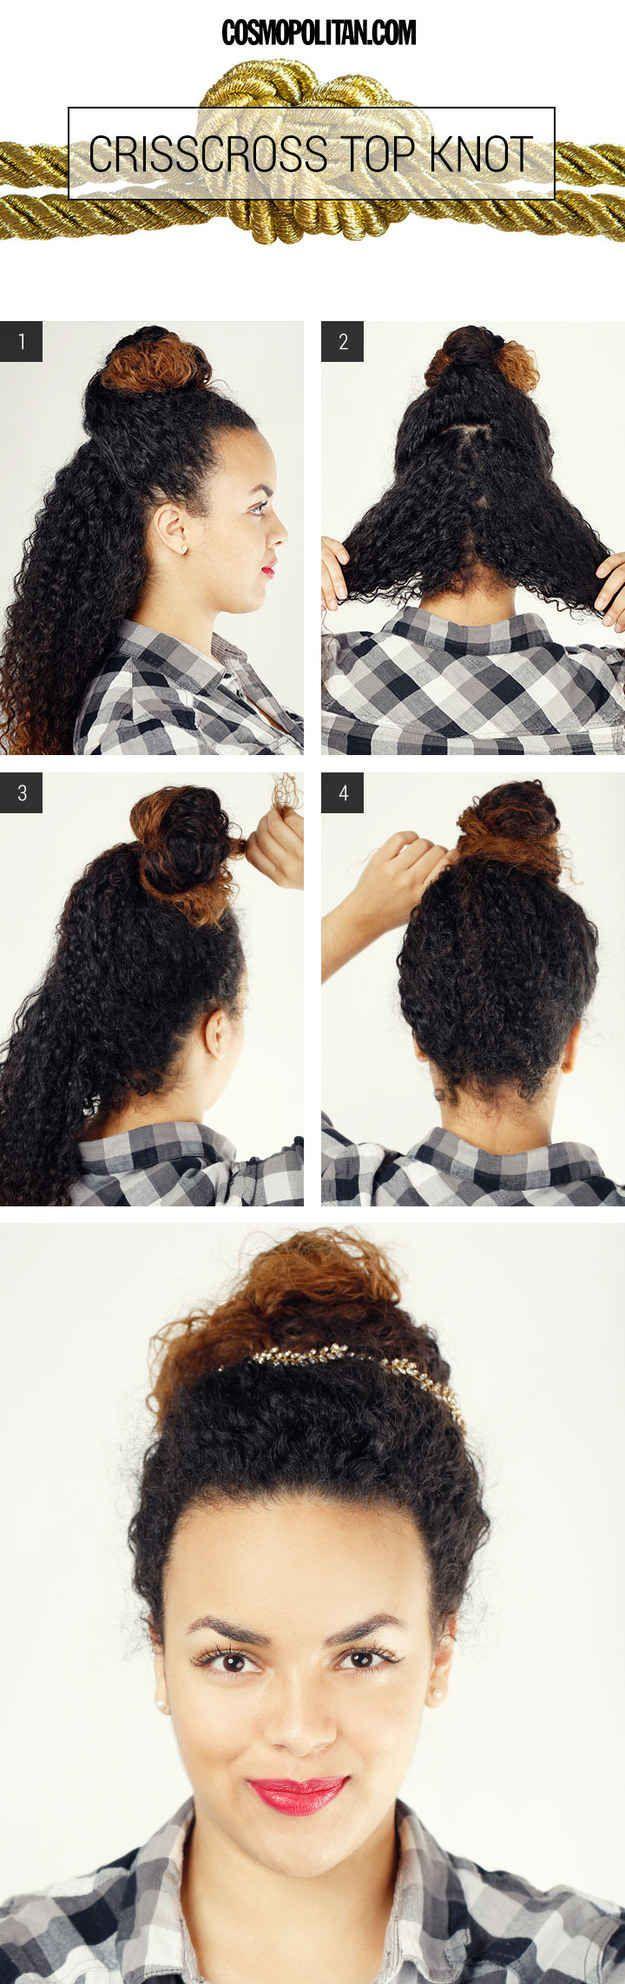 Si tu cabello es rizado, hazlo de manera entrecruzada para obtener un aspecto voluminoso